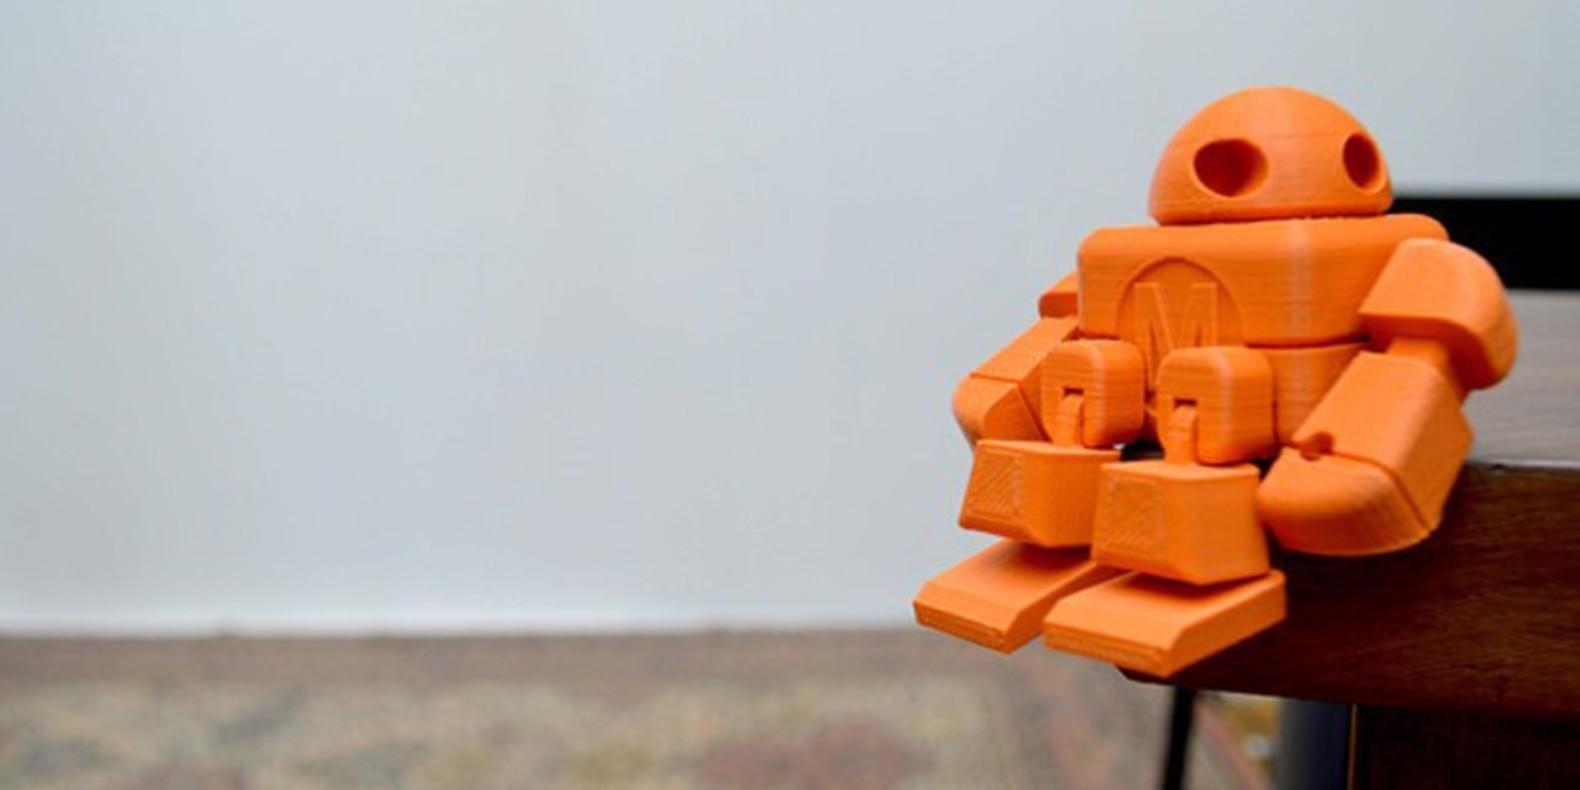 Voici une sélection des meilleurs fichiers 3D pour imprimer en 3D toutes sortes de robots